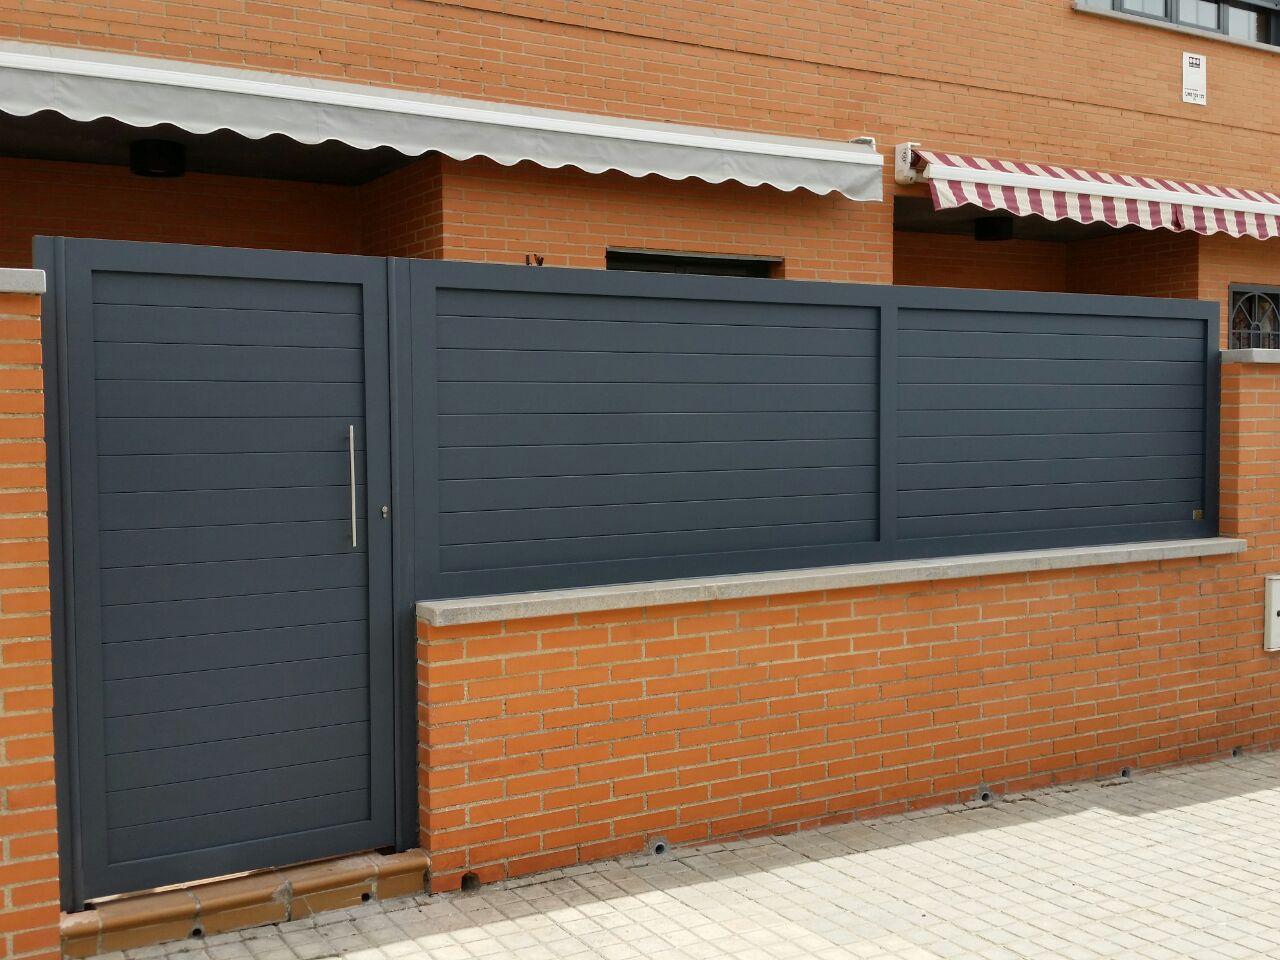 Puertas de aluminio soldado y vallas grupo marver - Puerta exterior aluminio precio ...